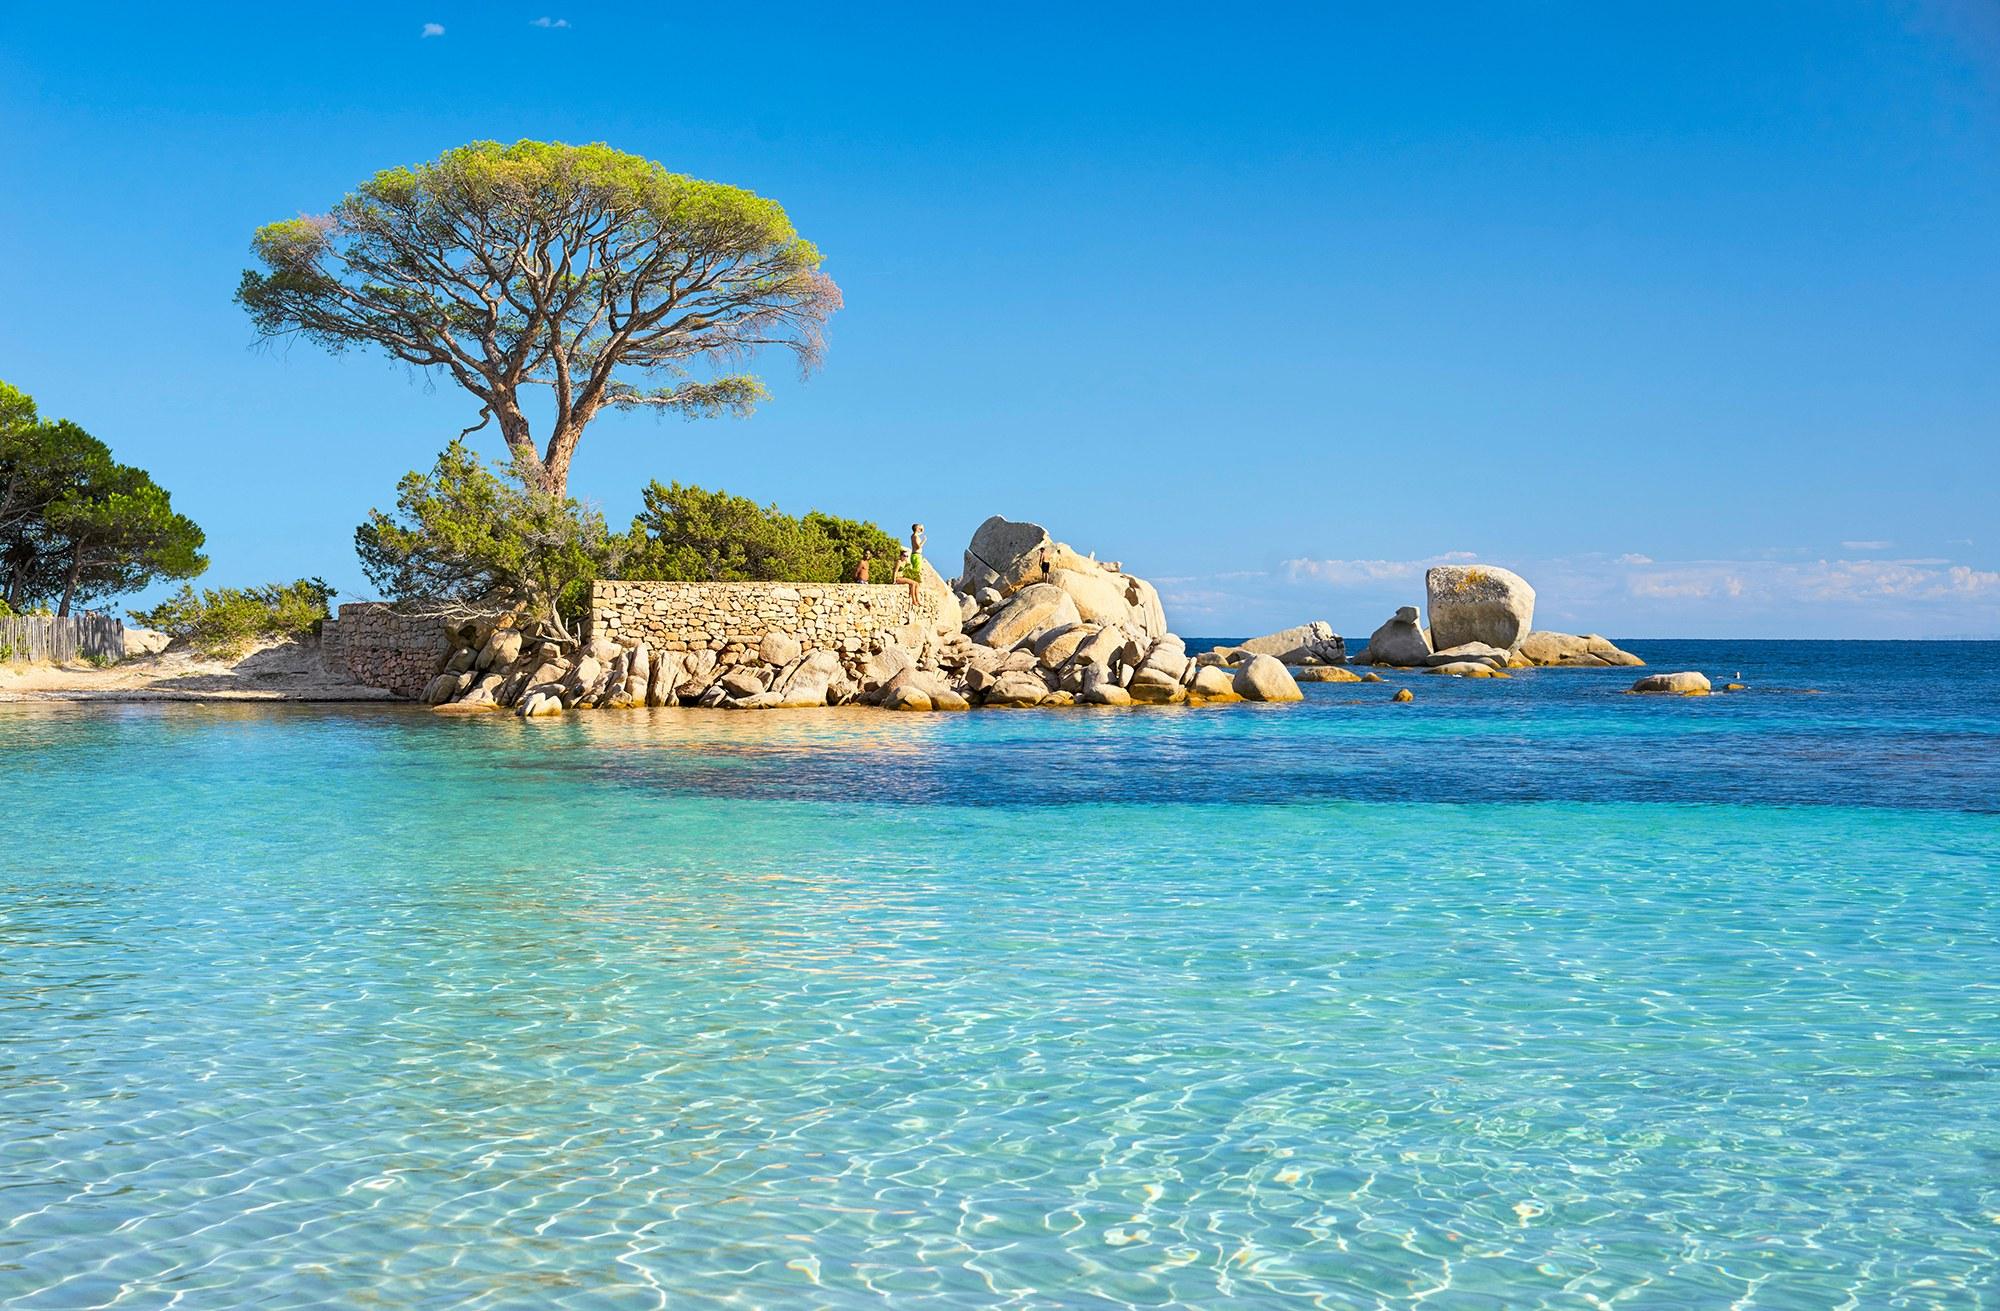 Visitare la Corsica: informazioni generali sull'isola